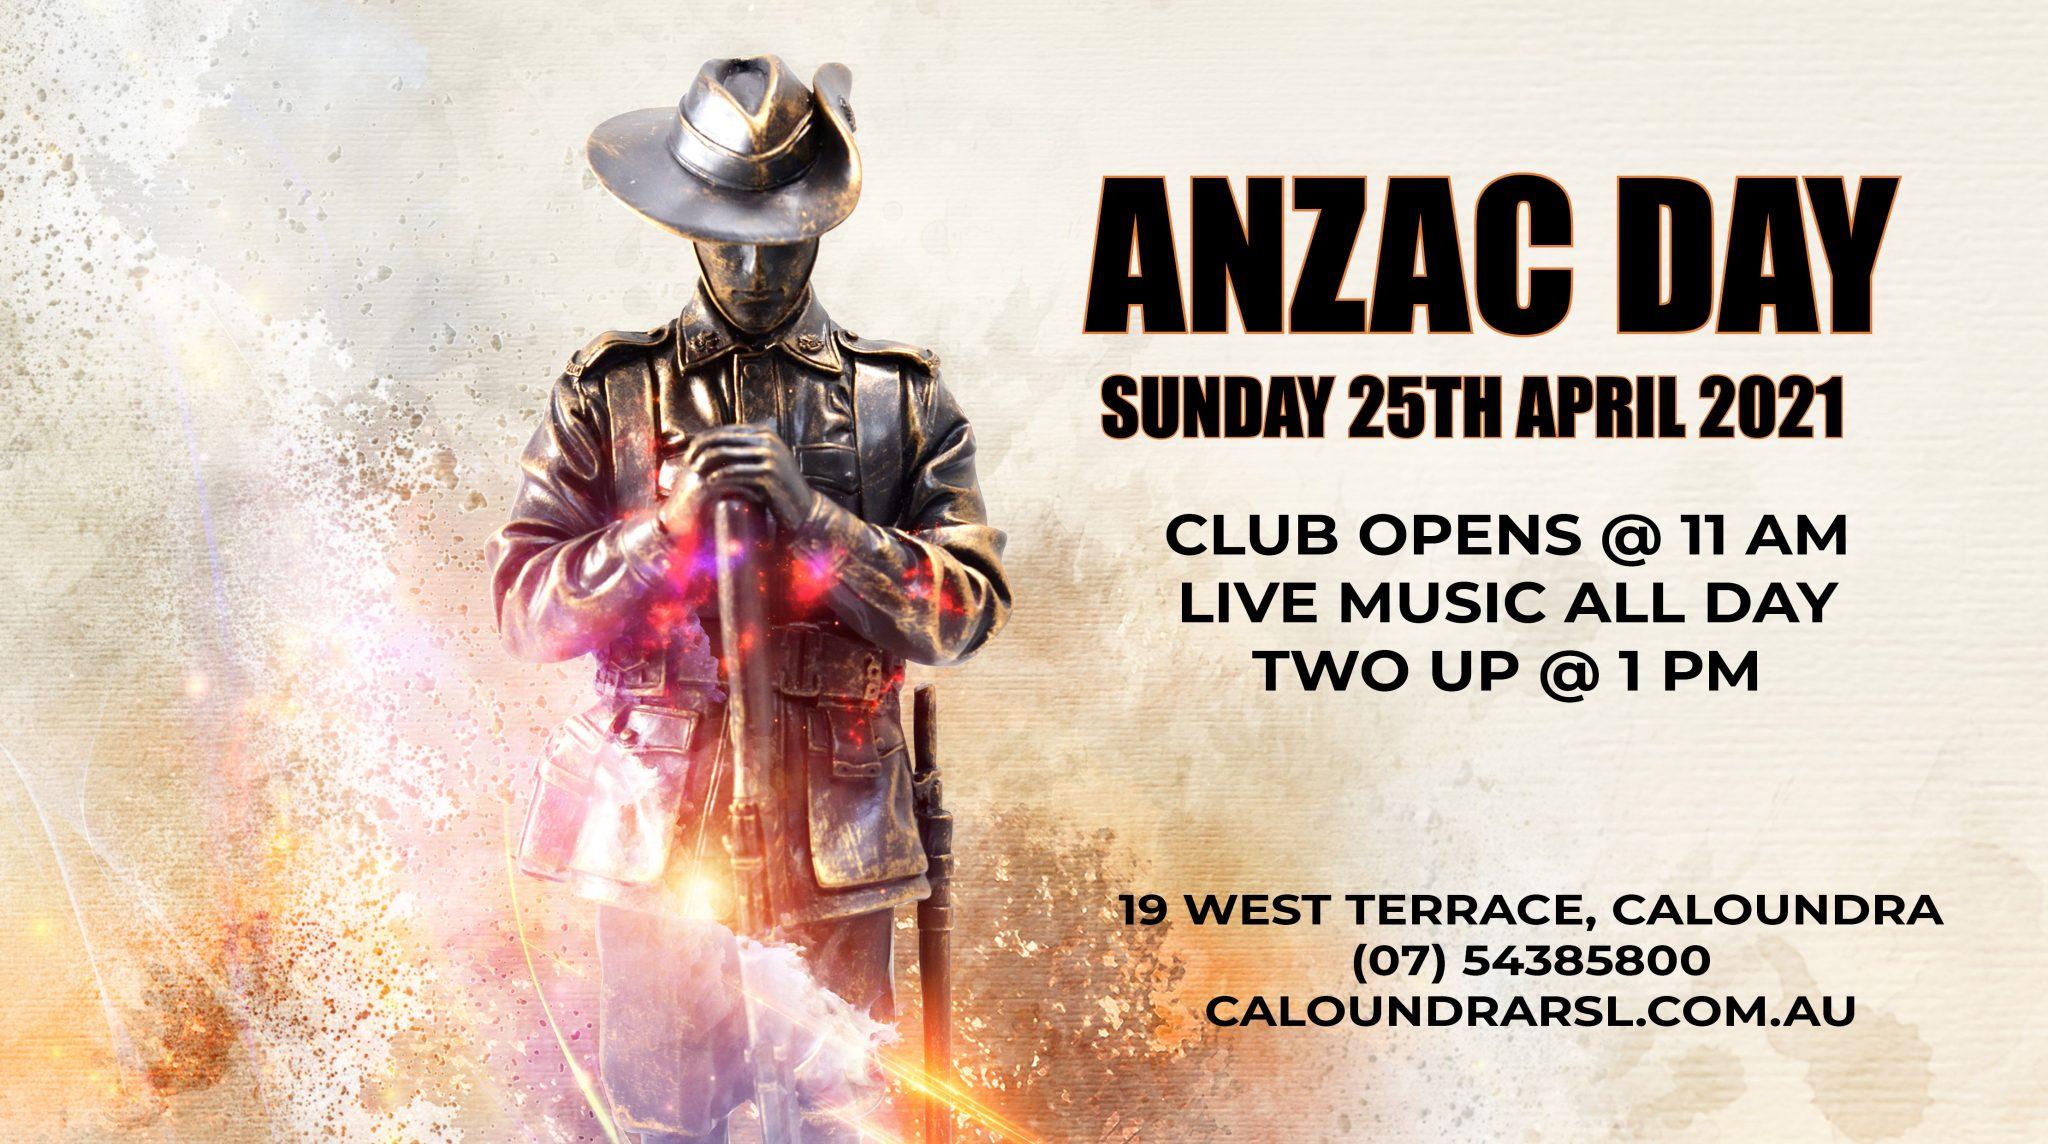 Anzac Day Caloundra